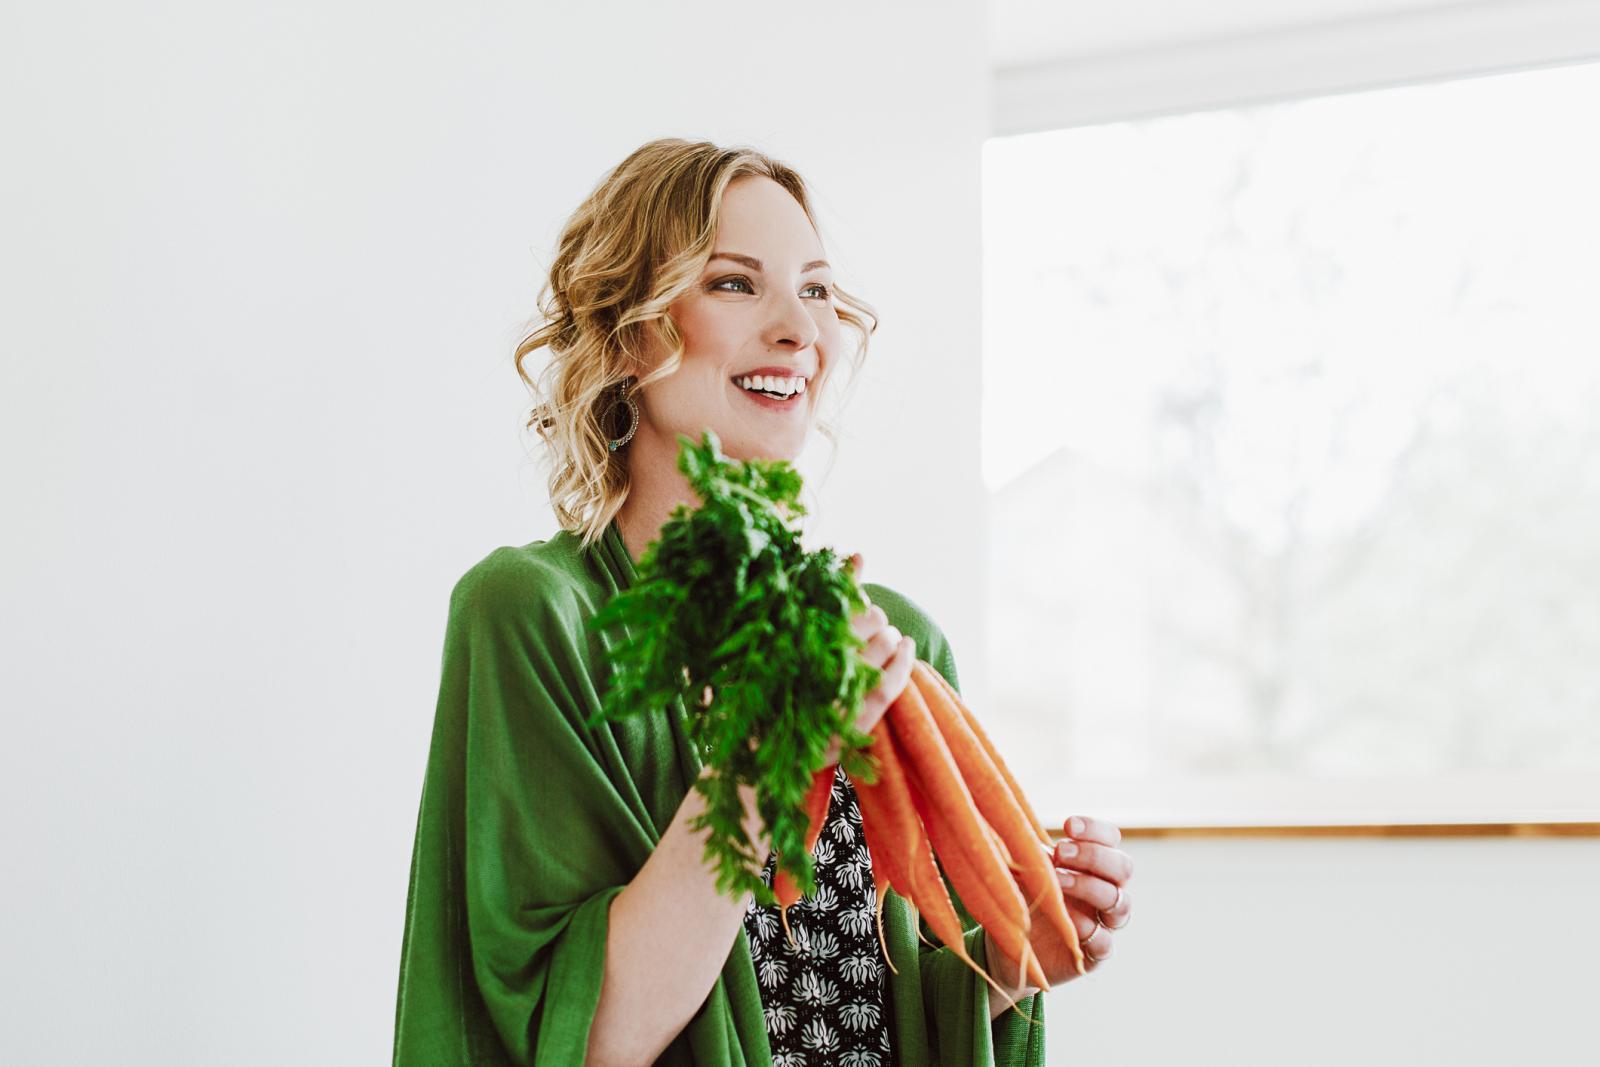 Jeste li znali da je mrkva povrće broj jedan želite li usporiti proces starenja kože, zaštititi je od sunca i drugih štetnih vanjskih utjecaja?